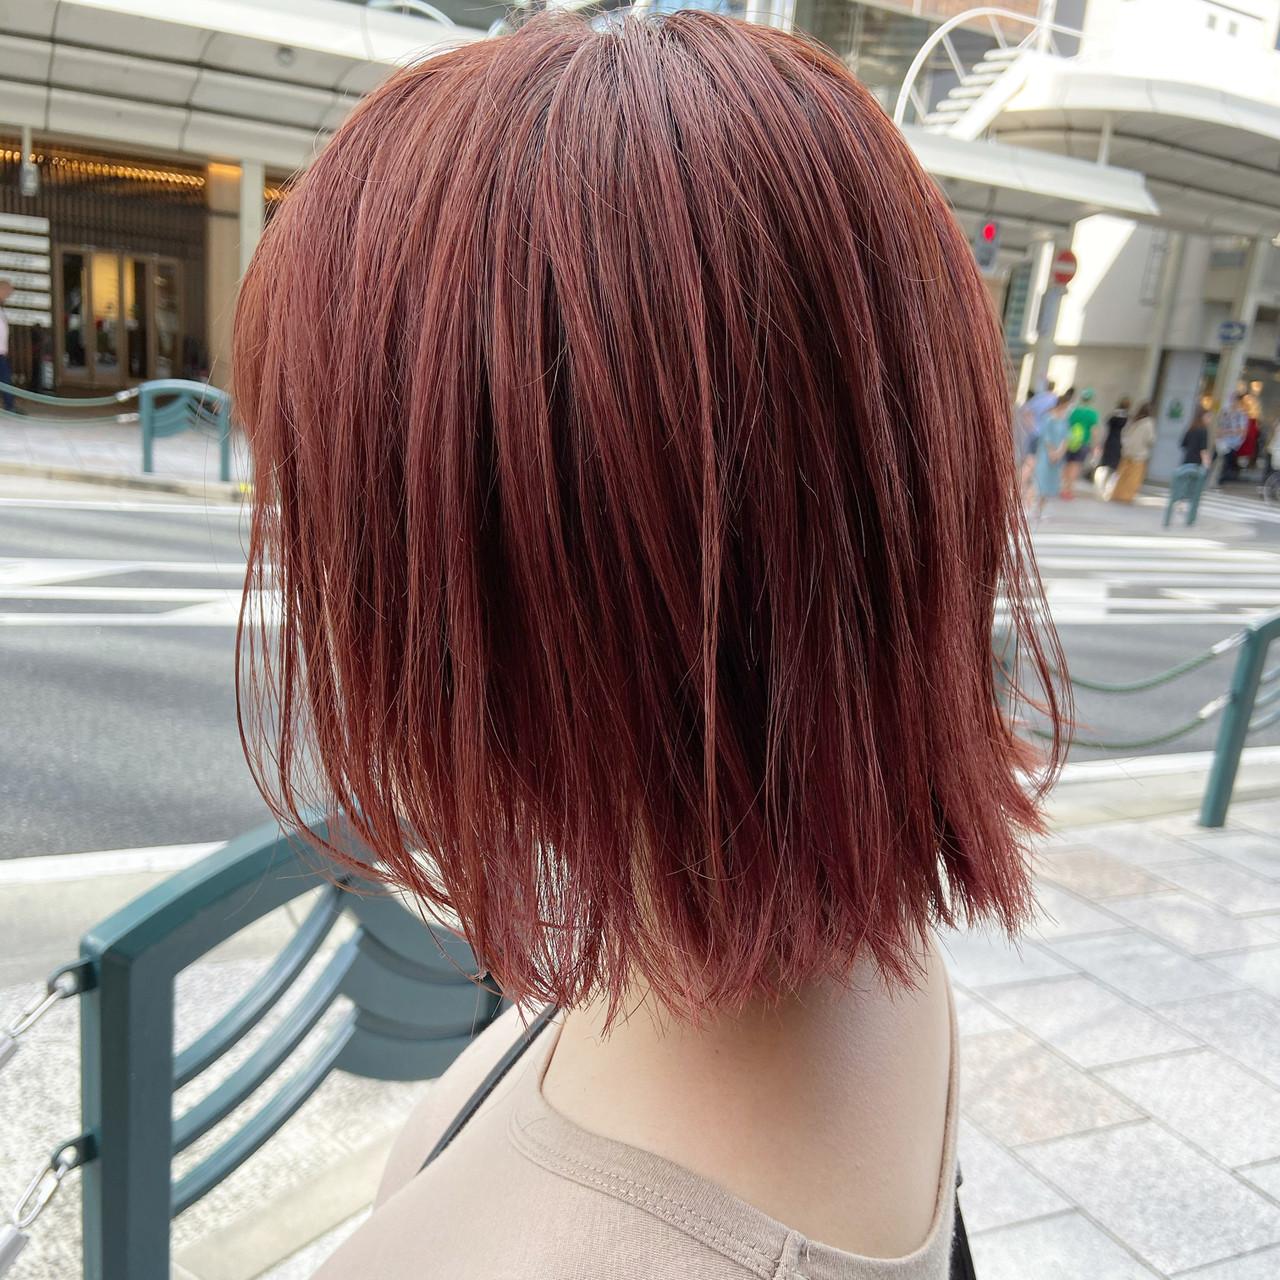 カシスレッド ミディアム レッドカラー チェリーレッド ヘアスタイルや髪型の写真・画像 | 元橋啓太 / snob